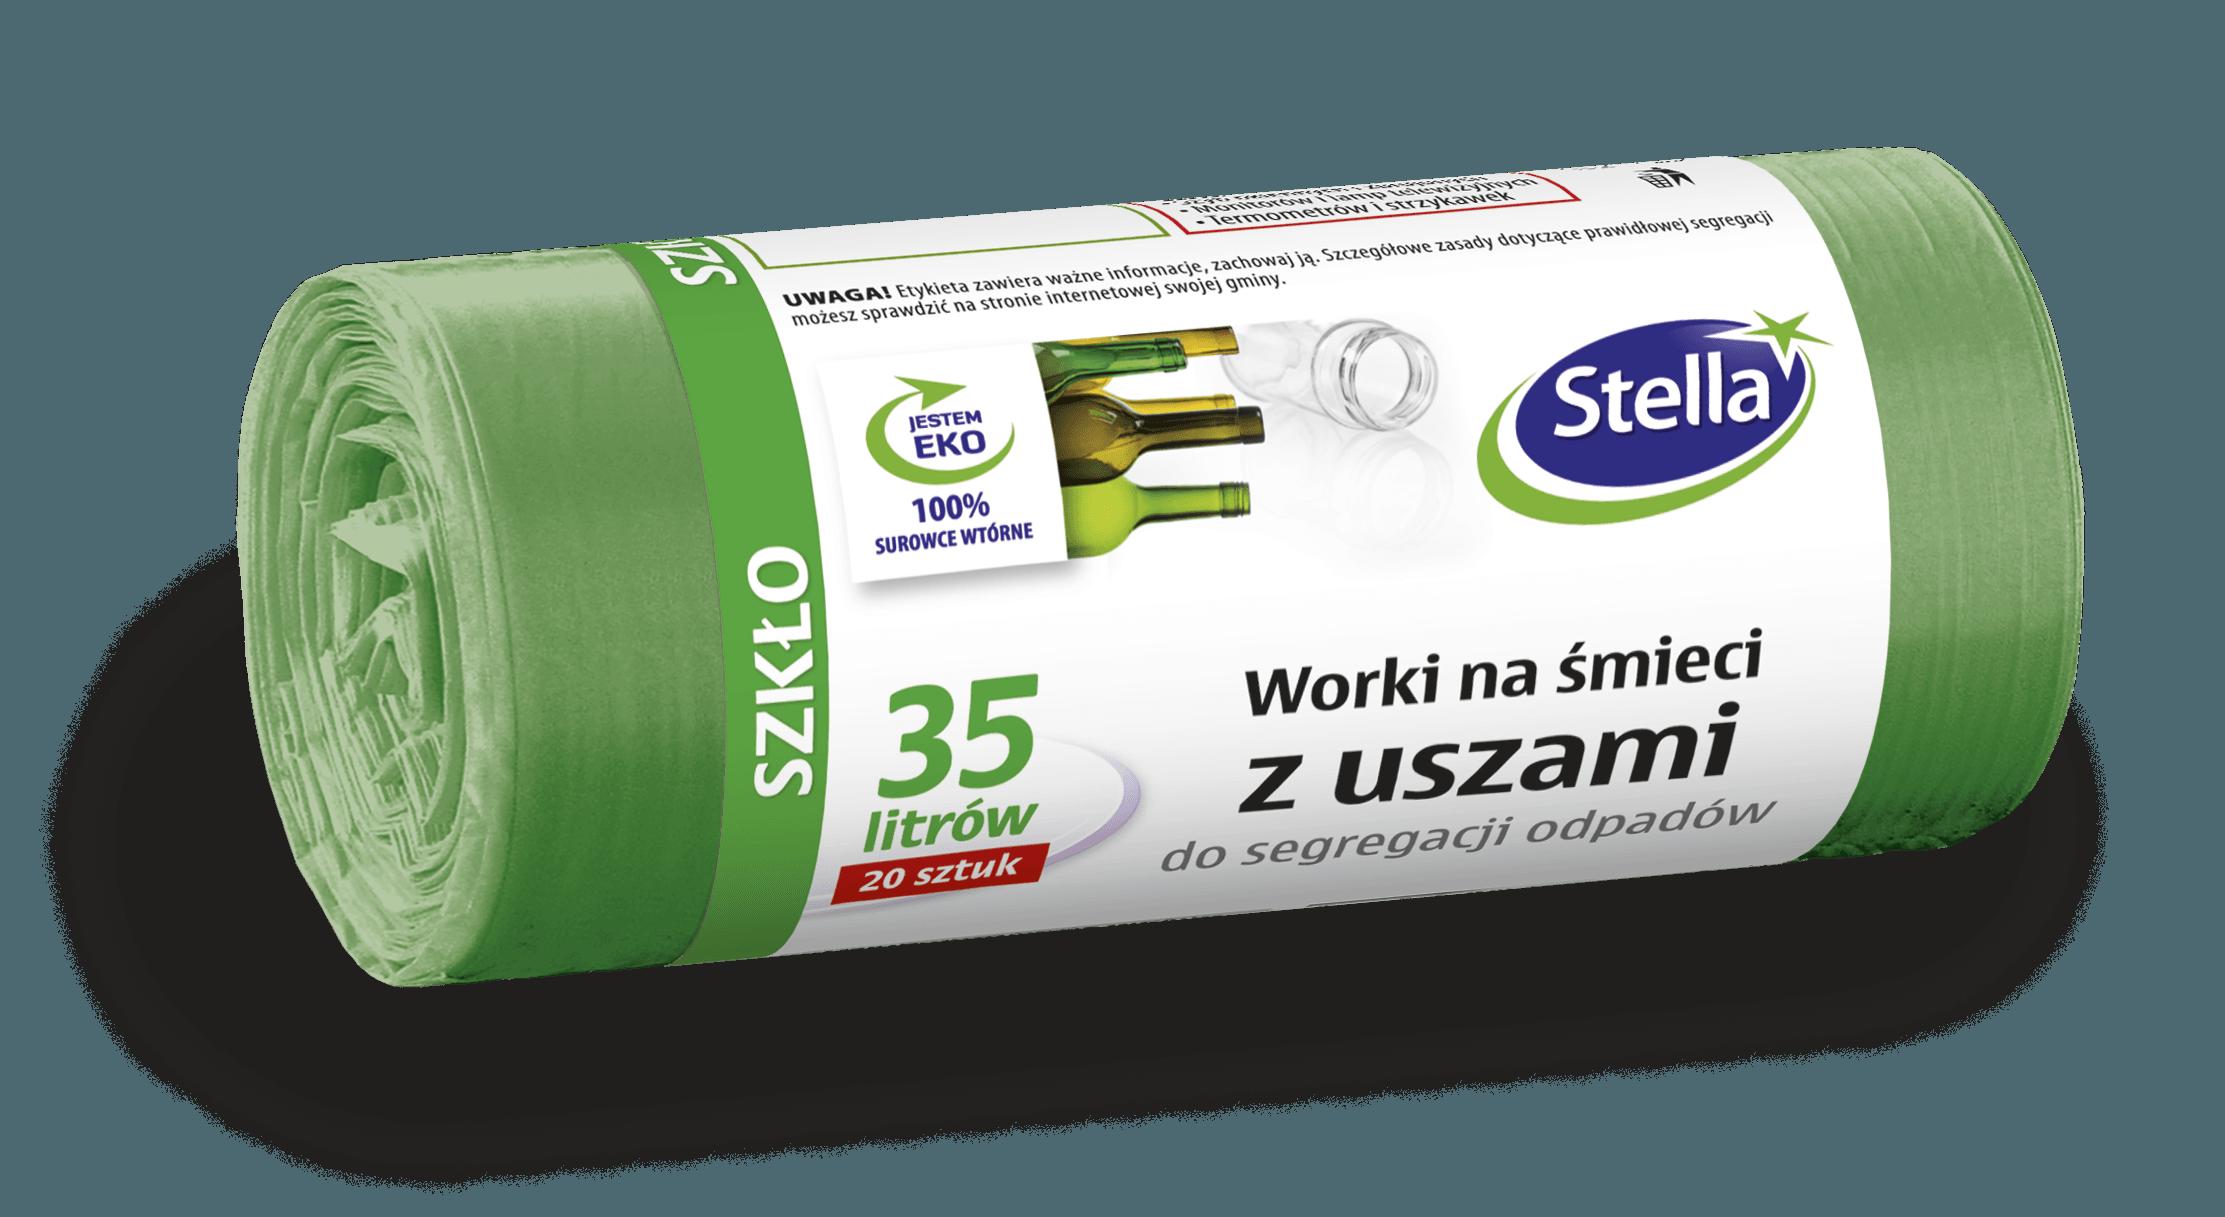 Worki z uszami do segregacji odpadów SZKŁO 35L 20szt zielone STELLA